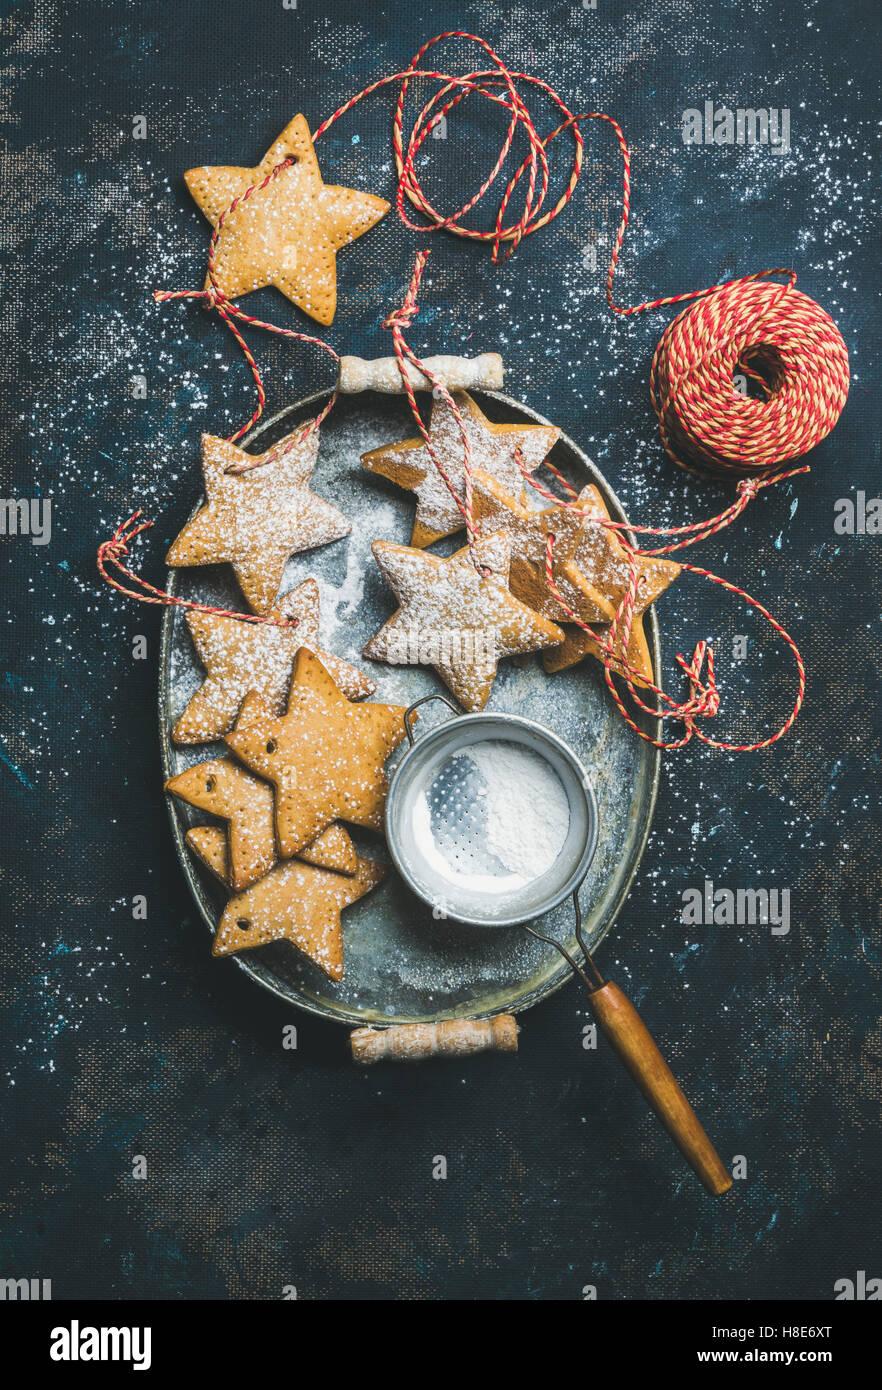 Vacances de Noël en forme d'étoile gingerbread cookies pour décoration d'arbre de Noël, Photo Stock